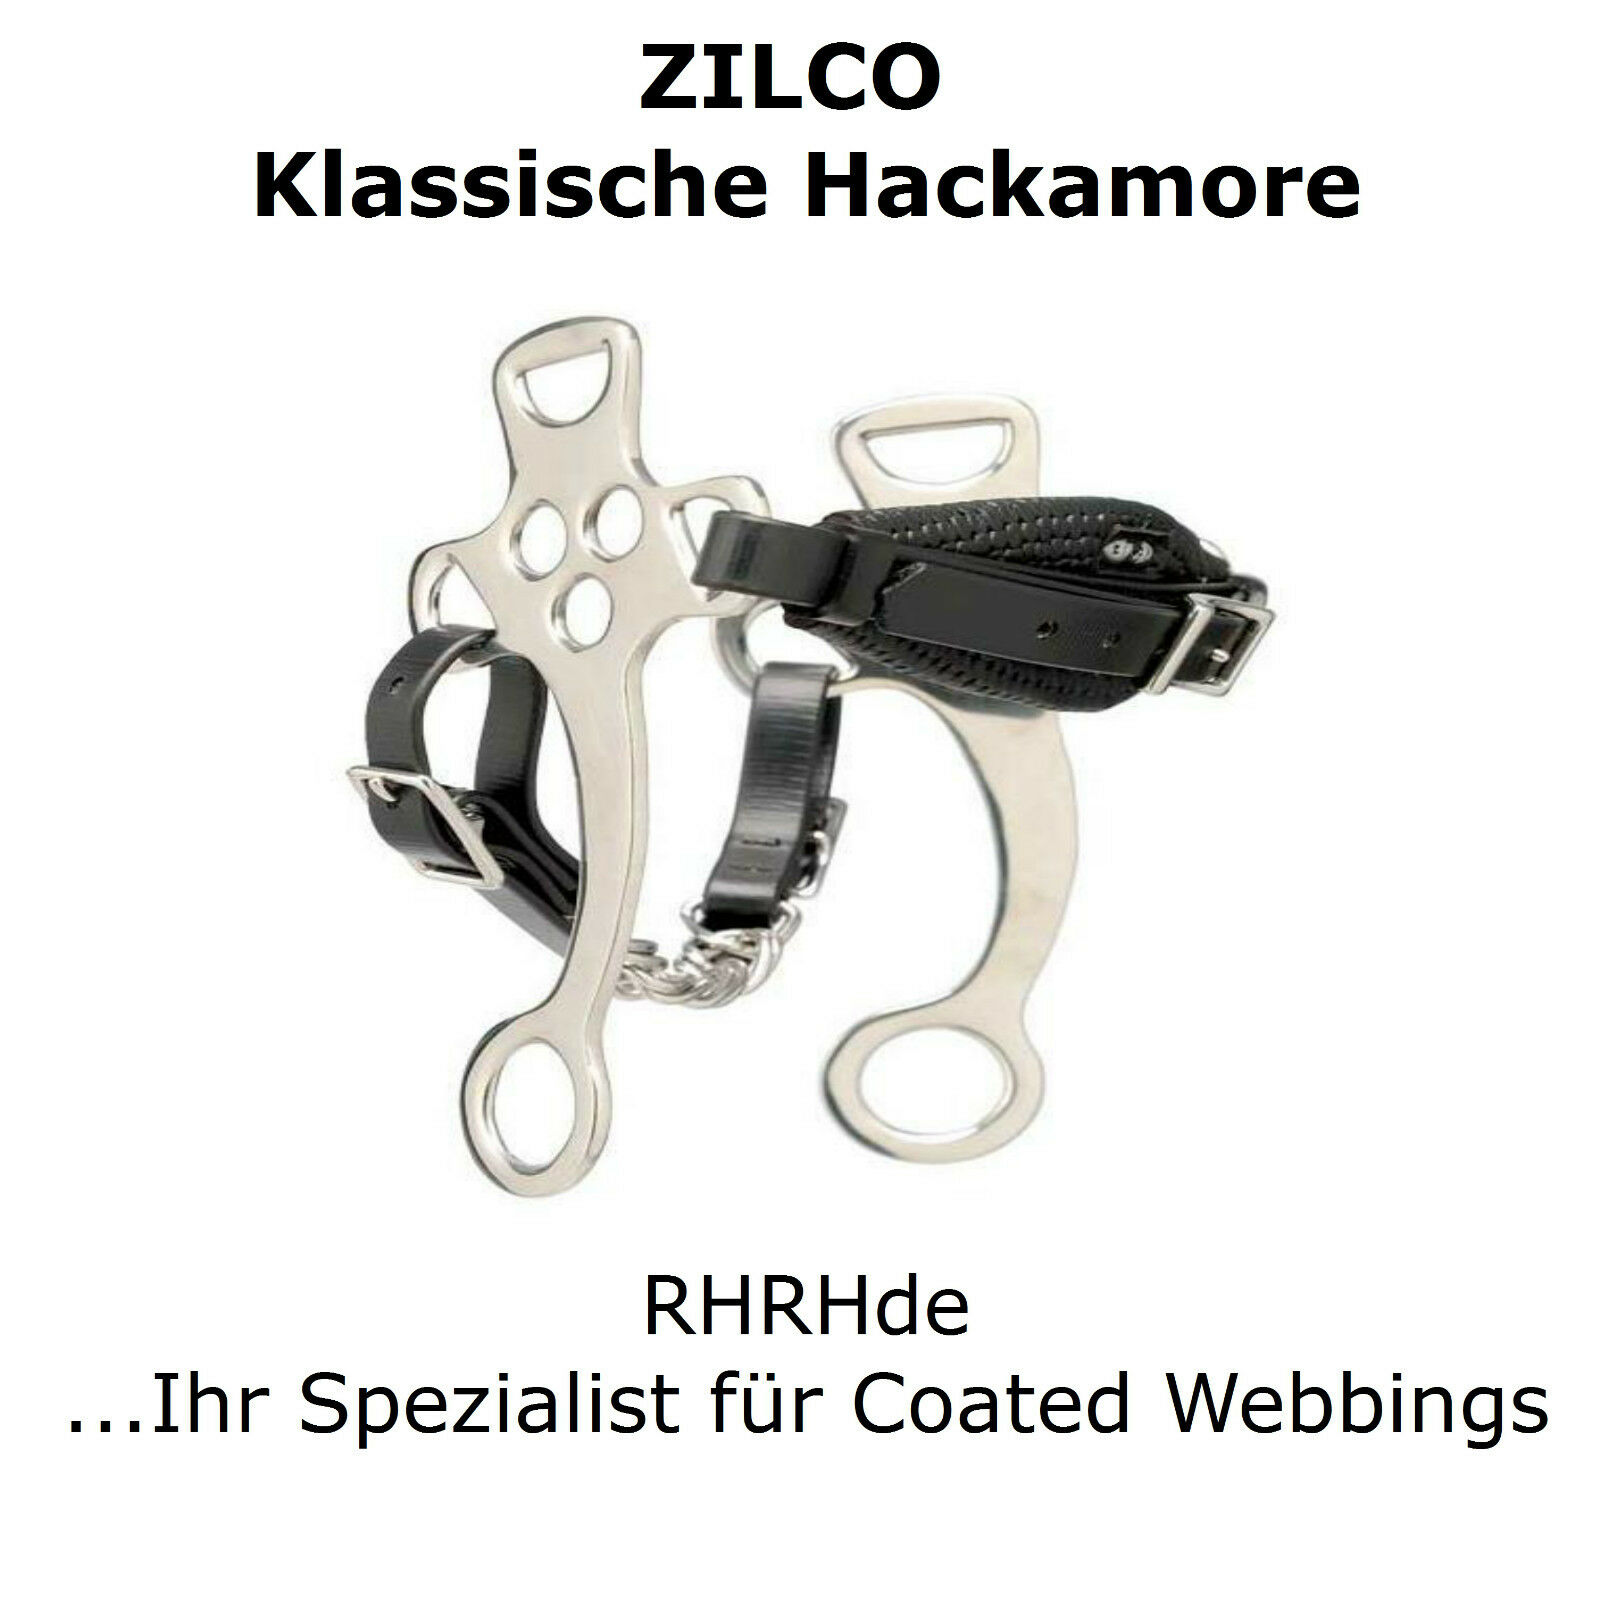 Clásica hackamore Zilco  Classico  biothane acero inoxidable gebisslos Bitless